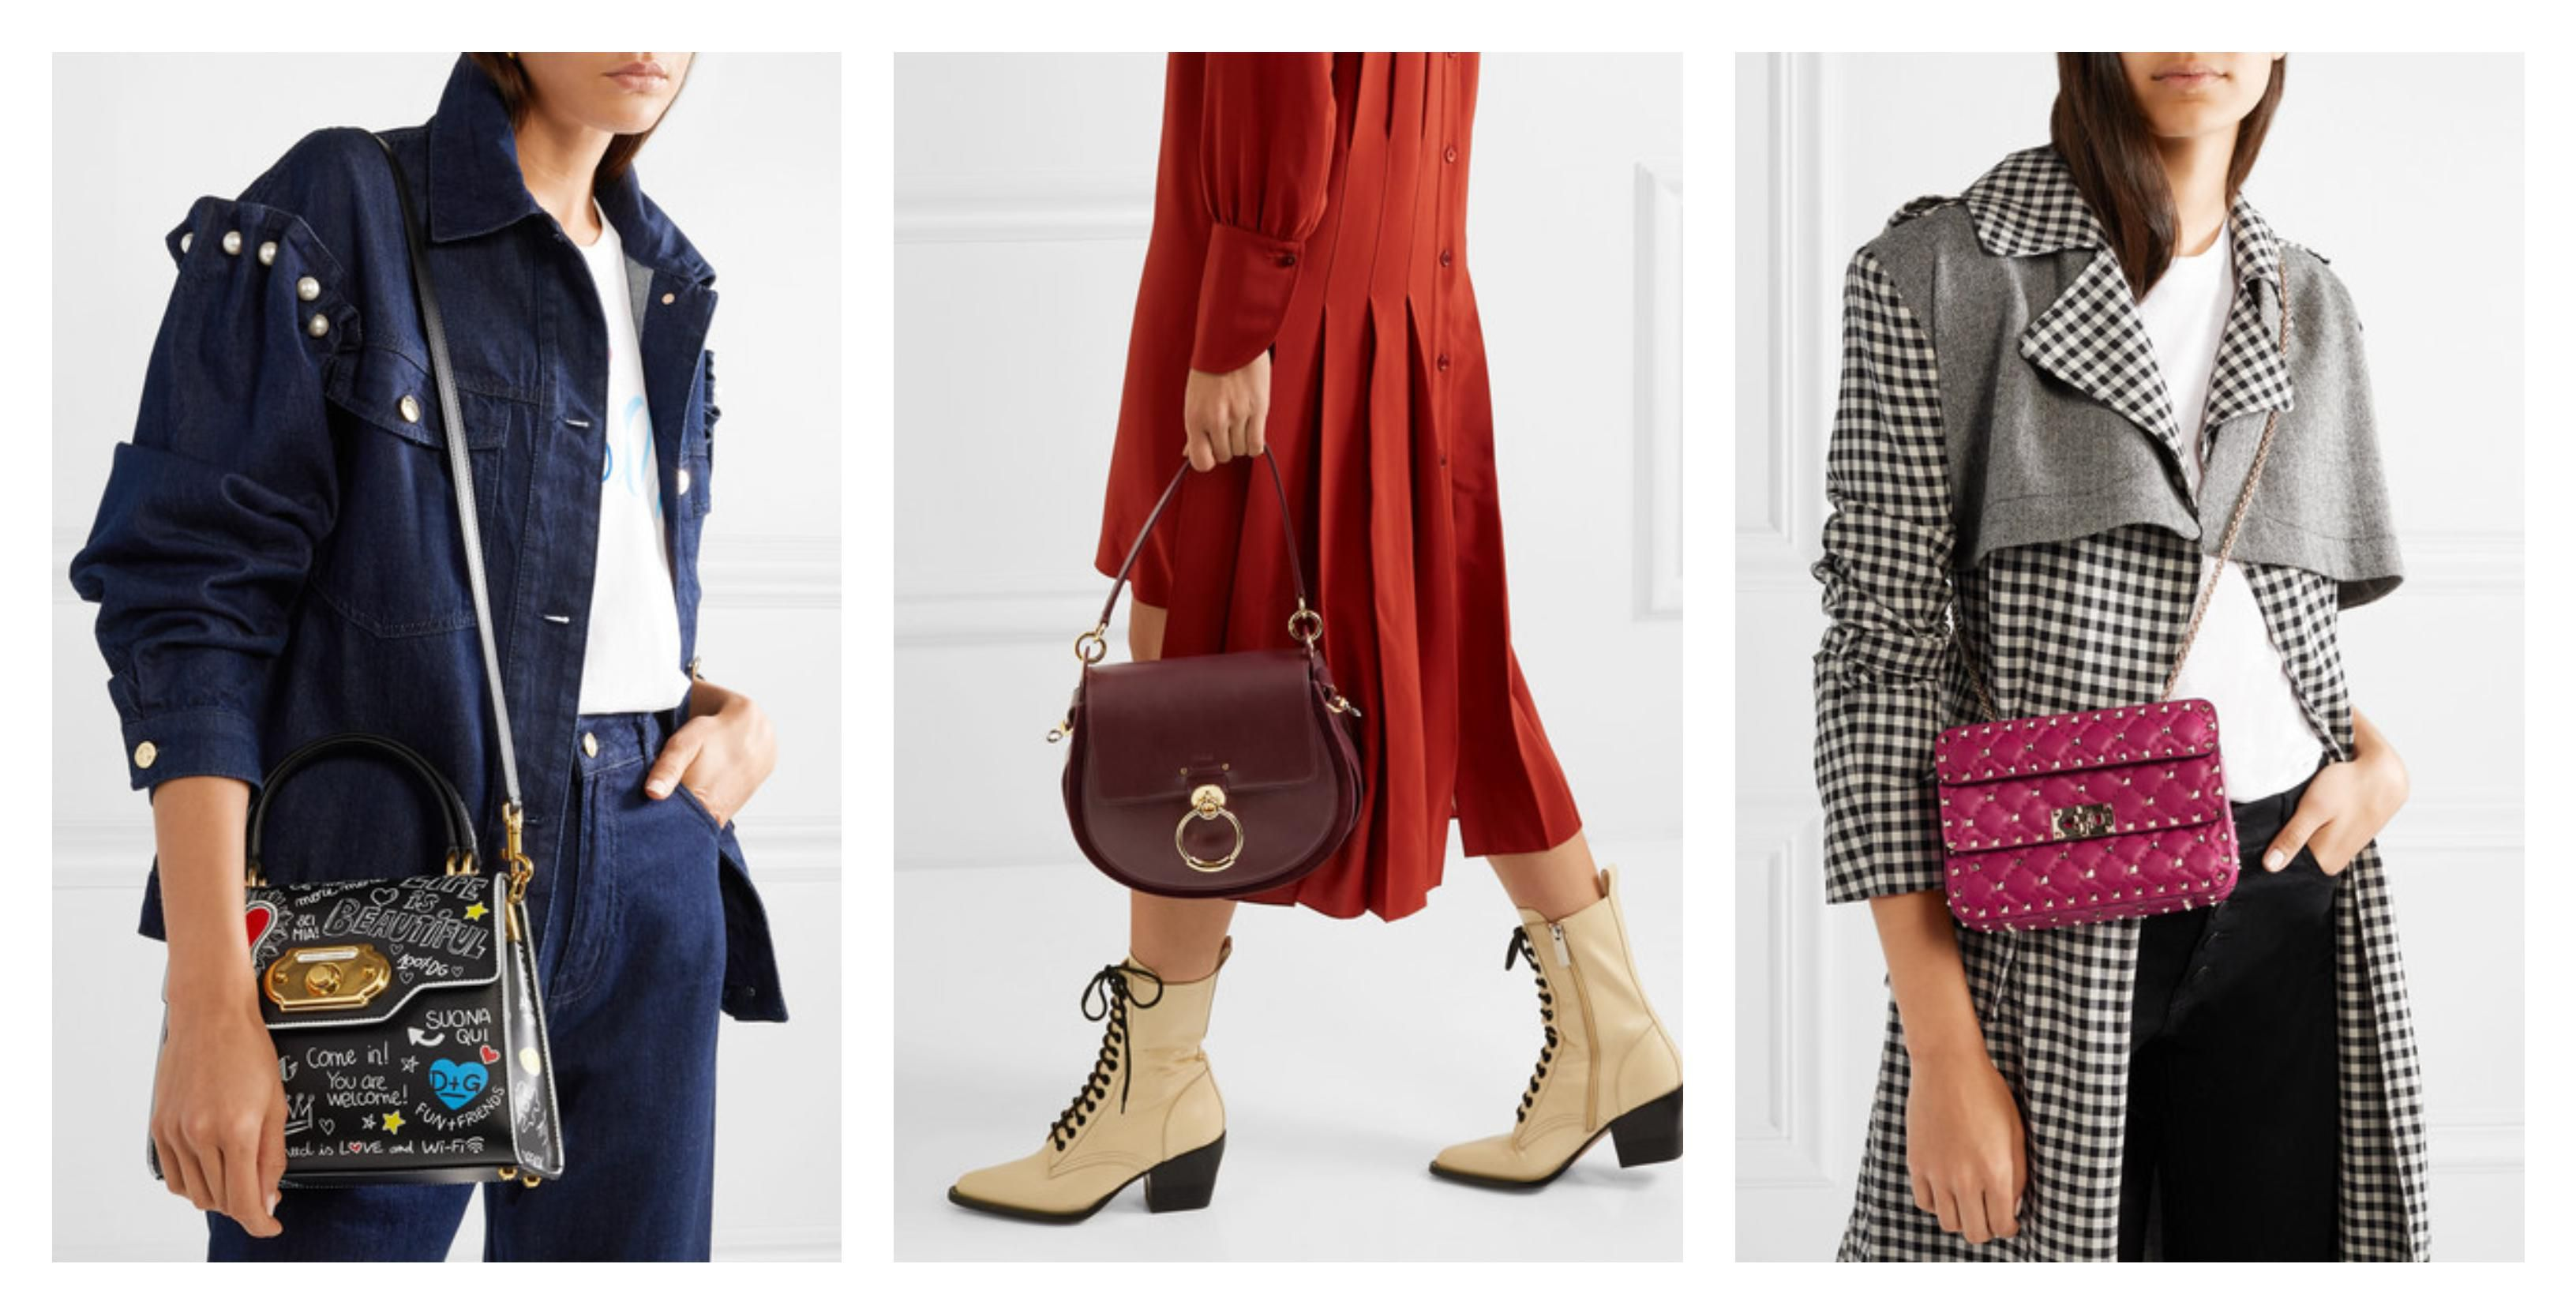 Kakve će se dizajnerske torbe nositi ove jeseni? Izabrali smo najljepše i teško je naći favorita!